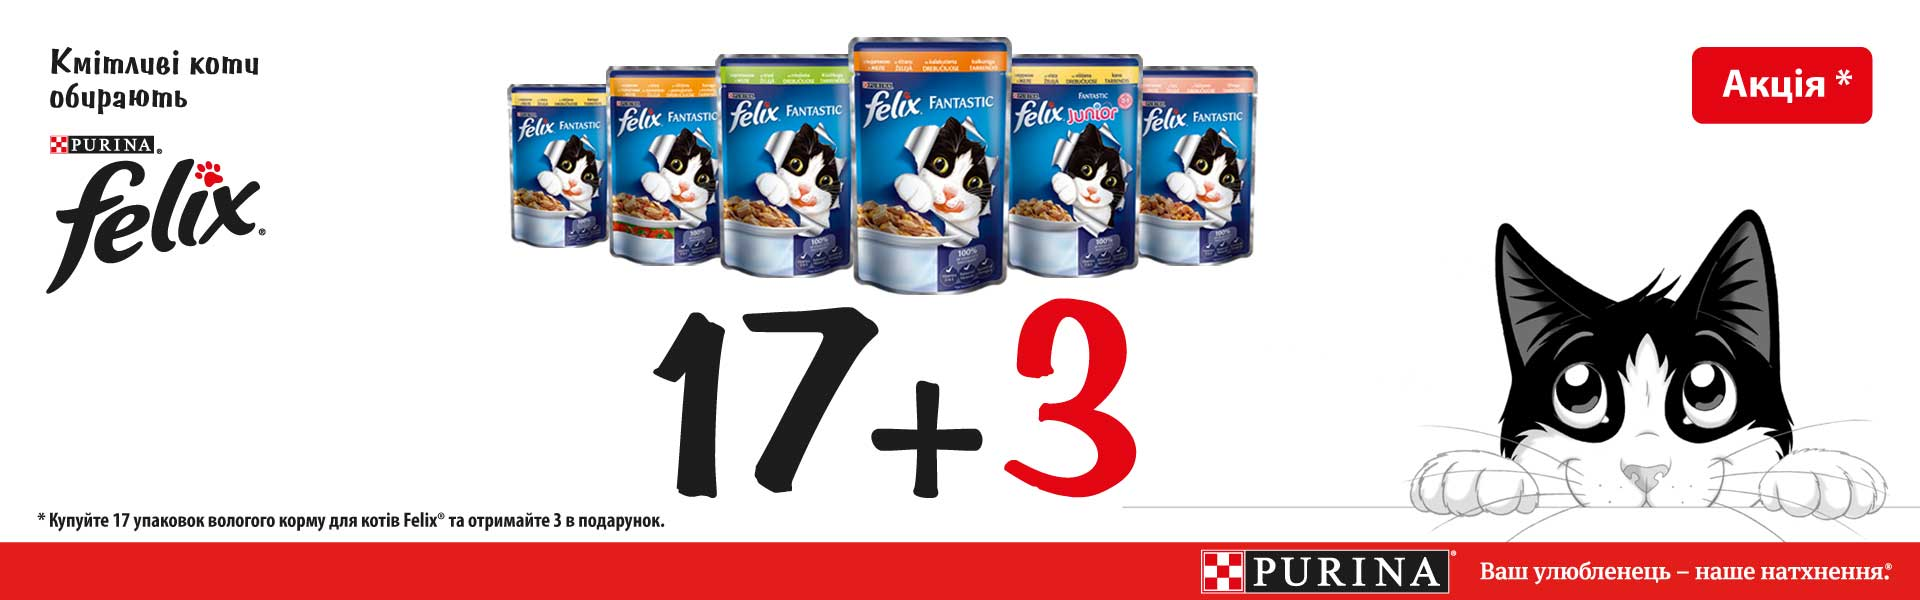 Felix 17 + 3